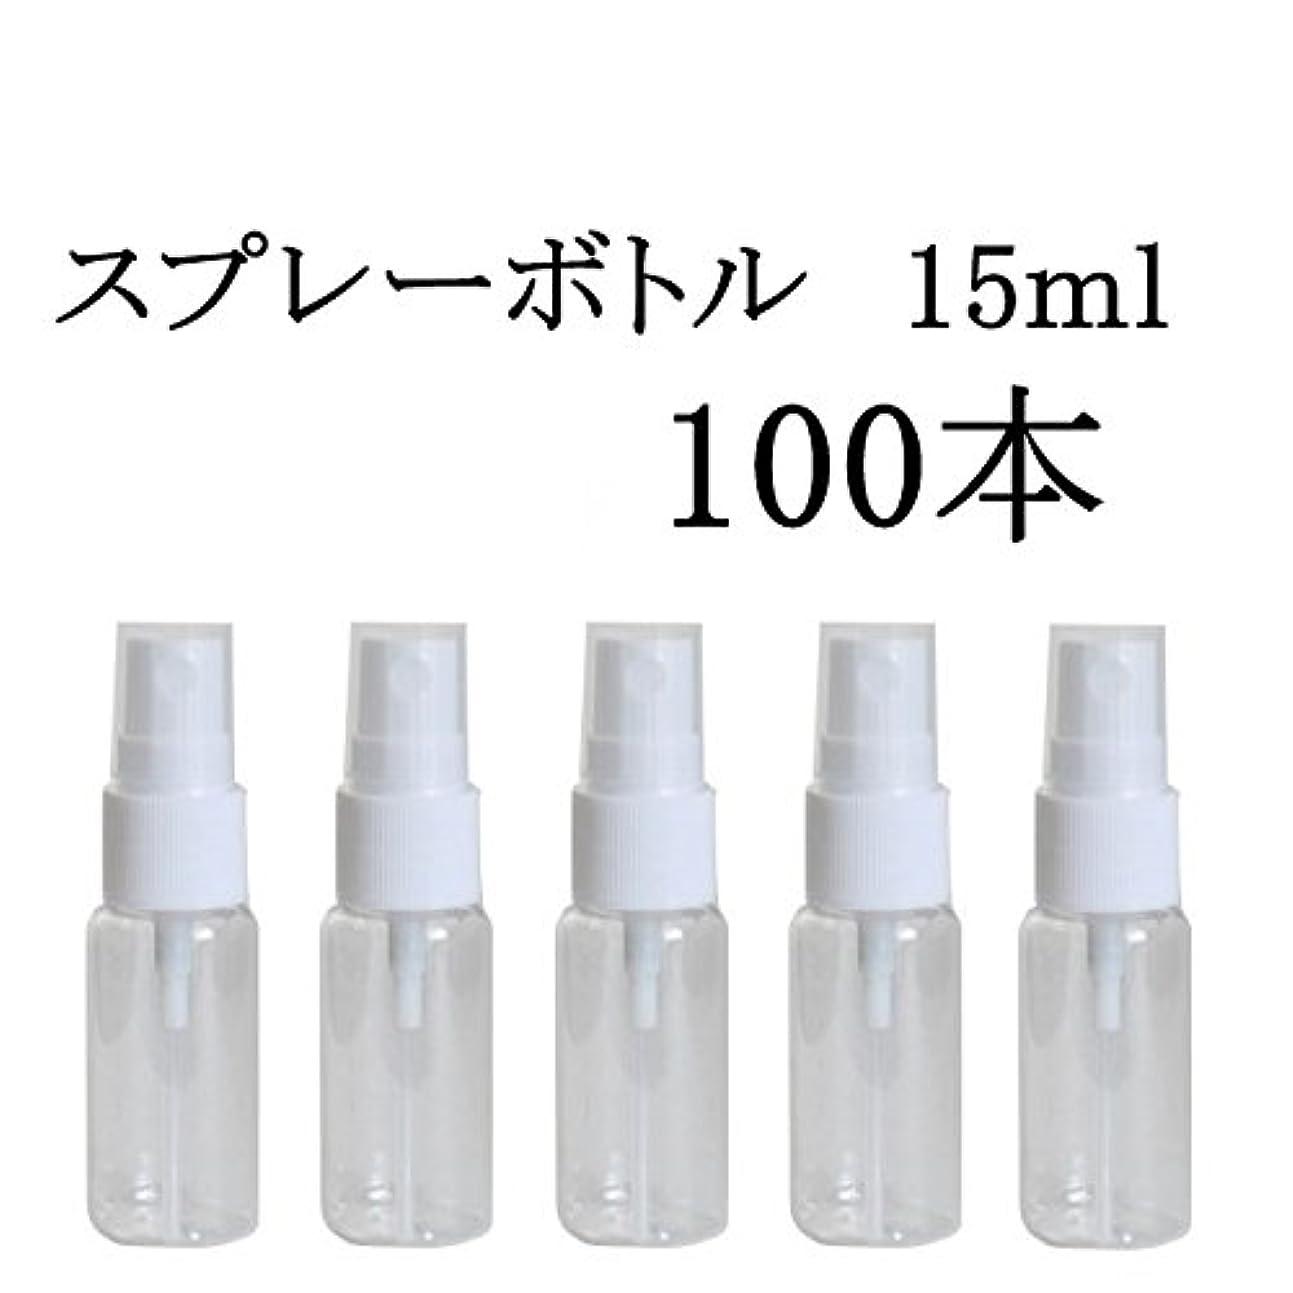 スクレーパー機知に富んだ実行happy fountain スプレーボトル 15ml 【100本】 プラスチック容器